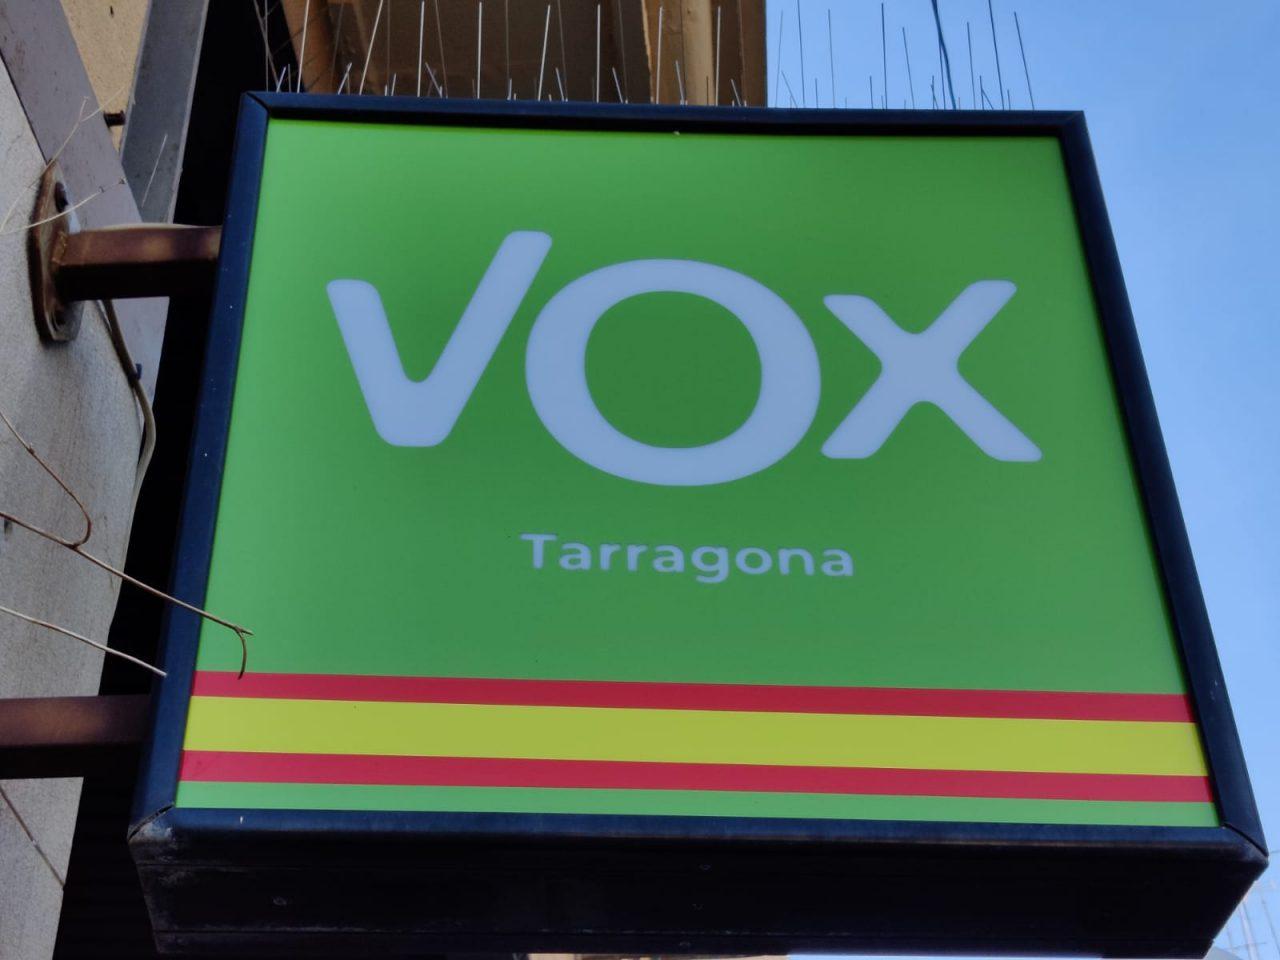 Vox-1280x960.jpg